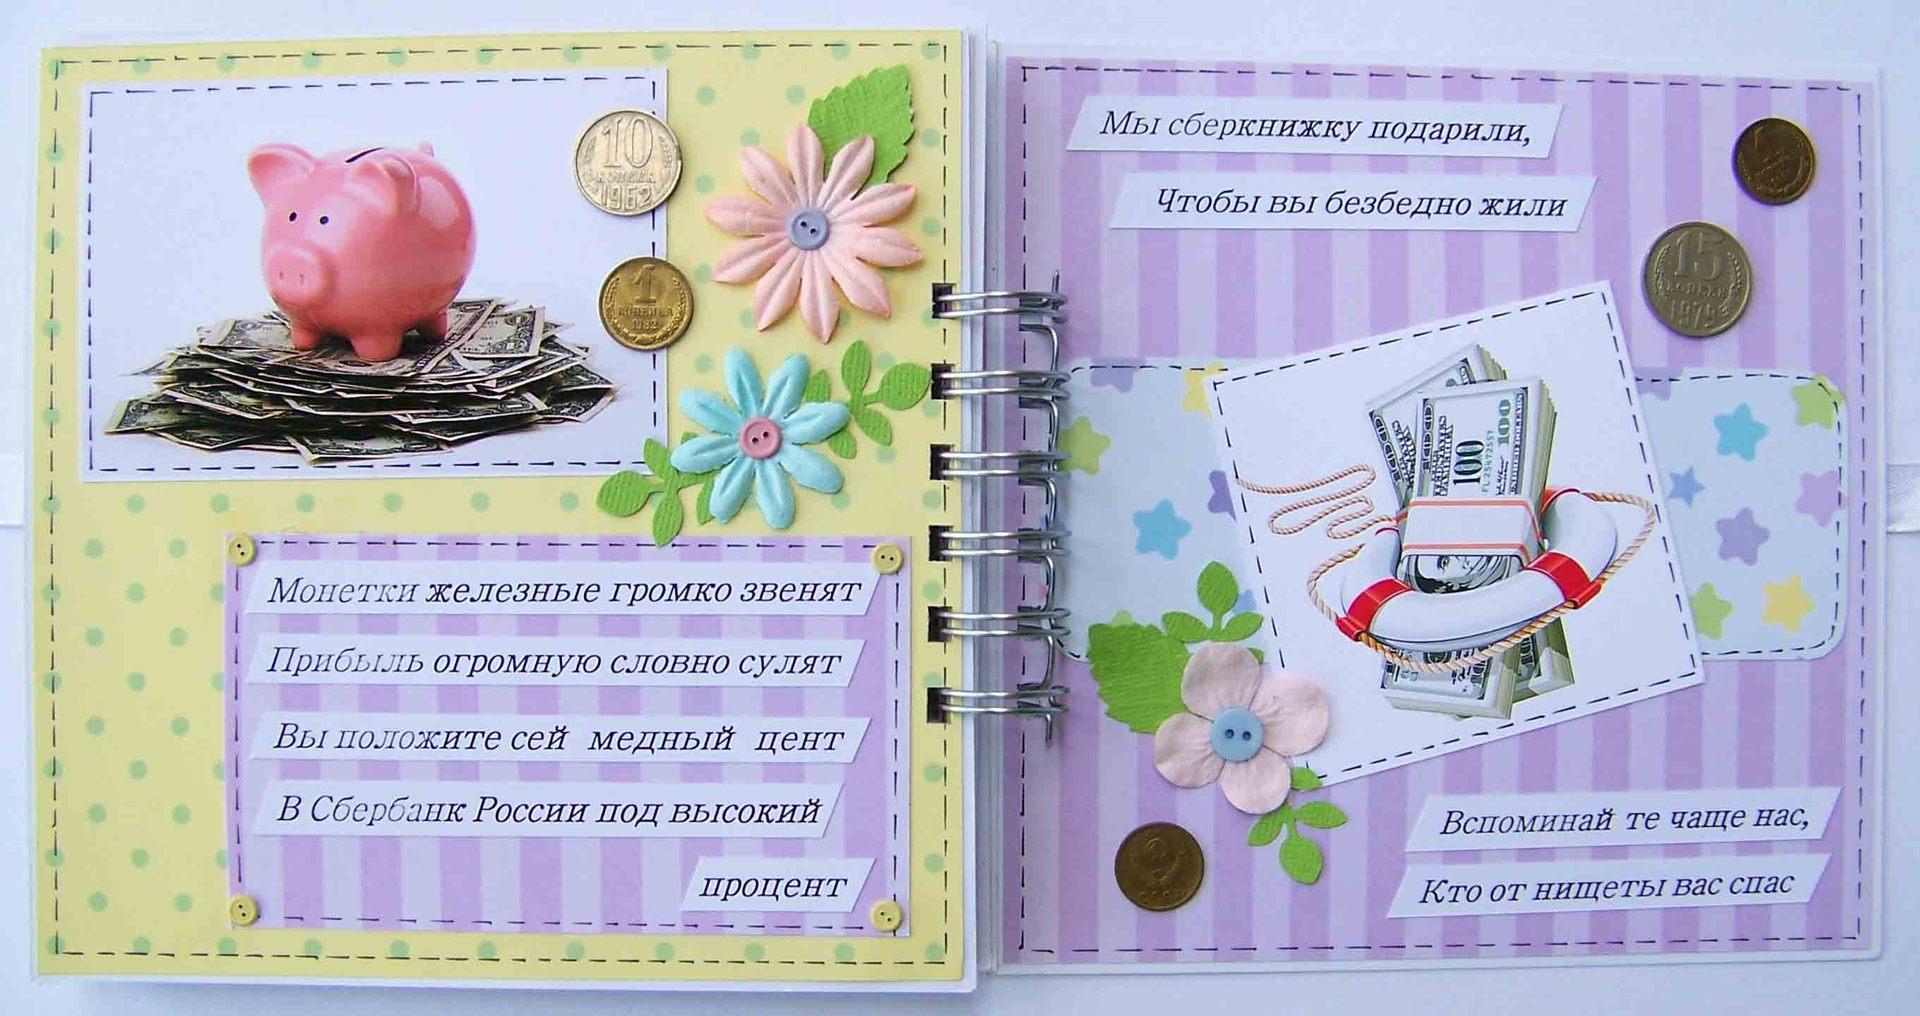 Подарки на свадьбу стихи к подарку 134